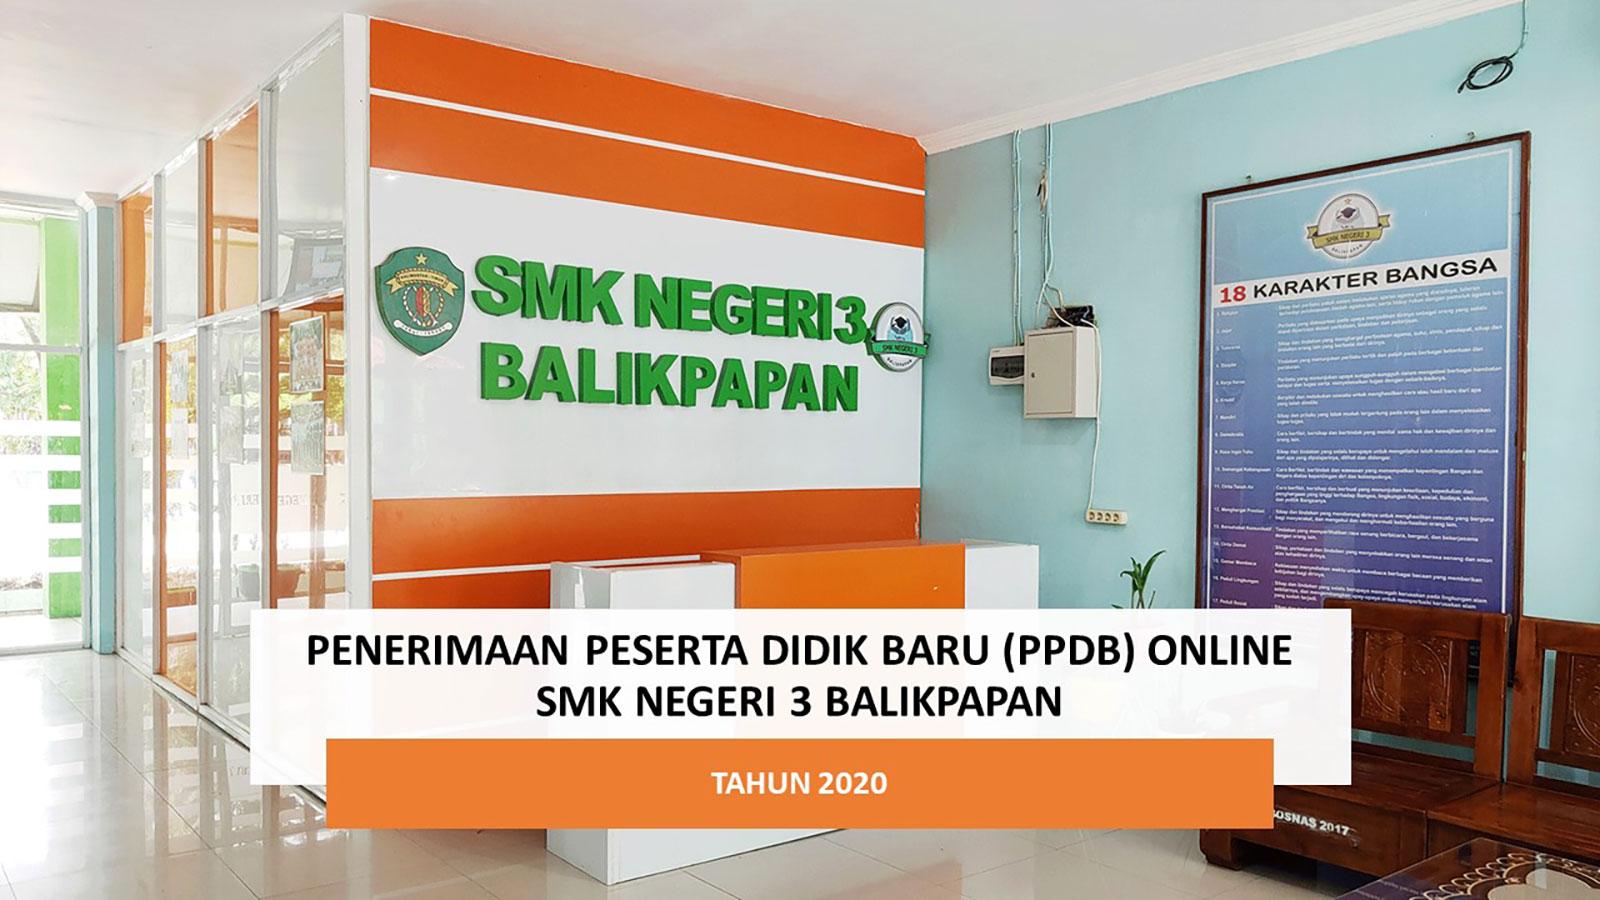 Penerimaan Peserta Didik Baru (PPDB) Online SMK Negeri 3 Balikpapan Tahun 2020